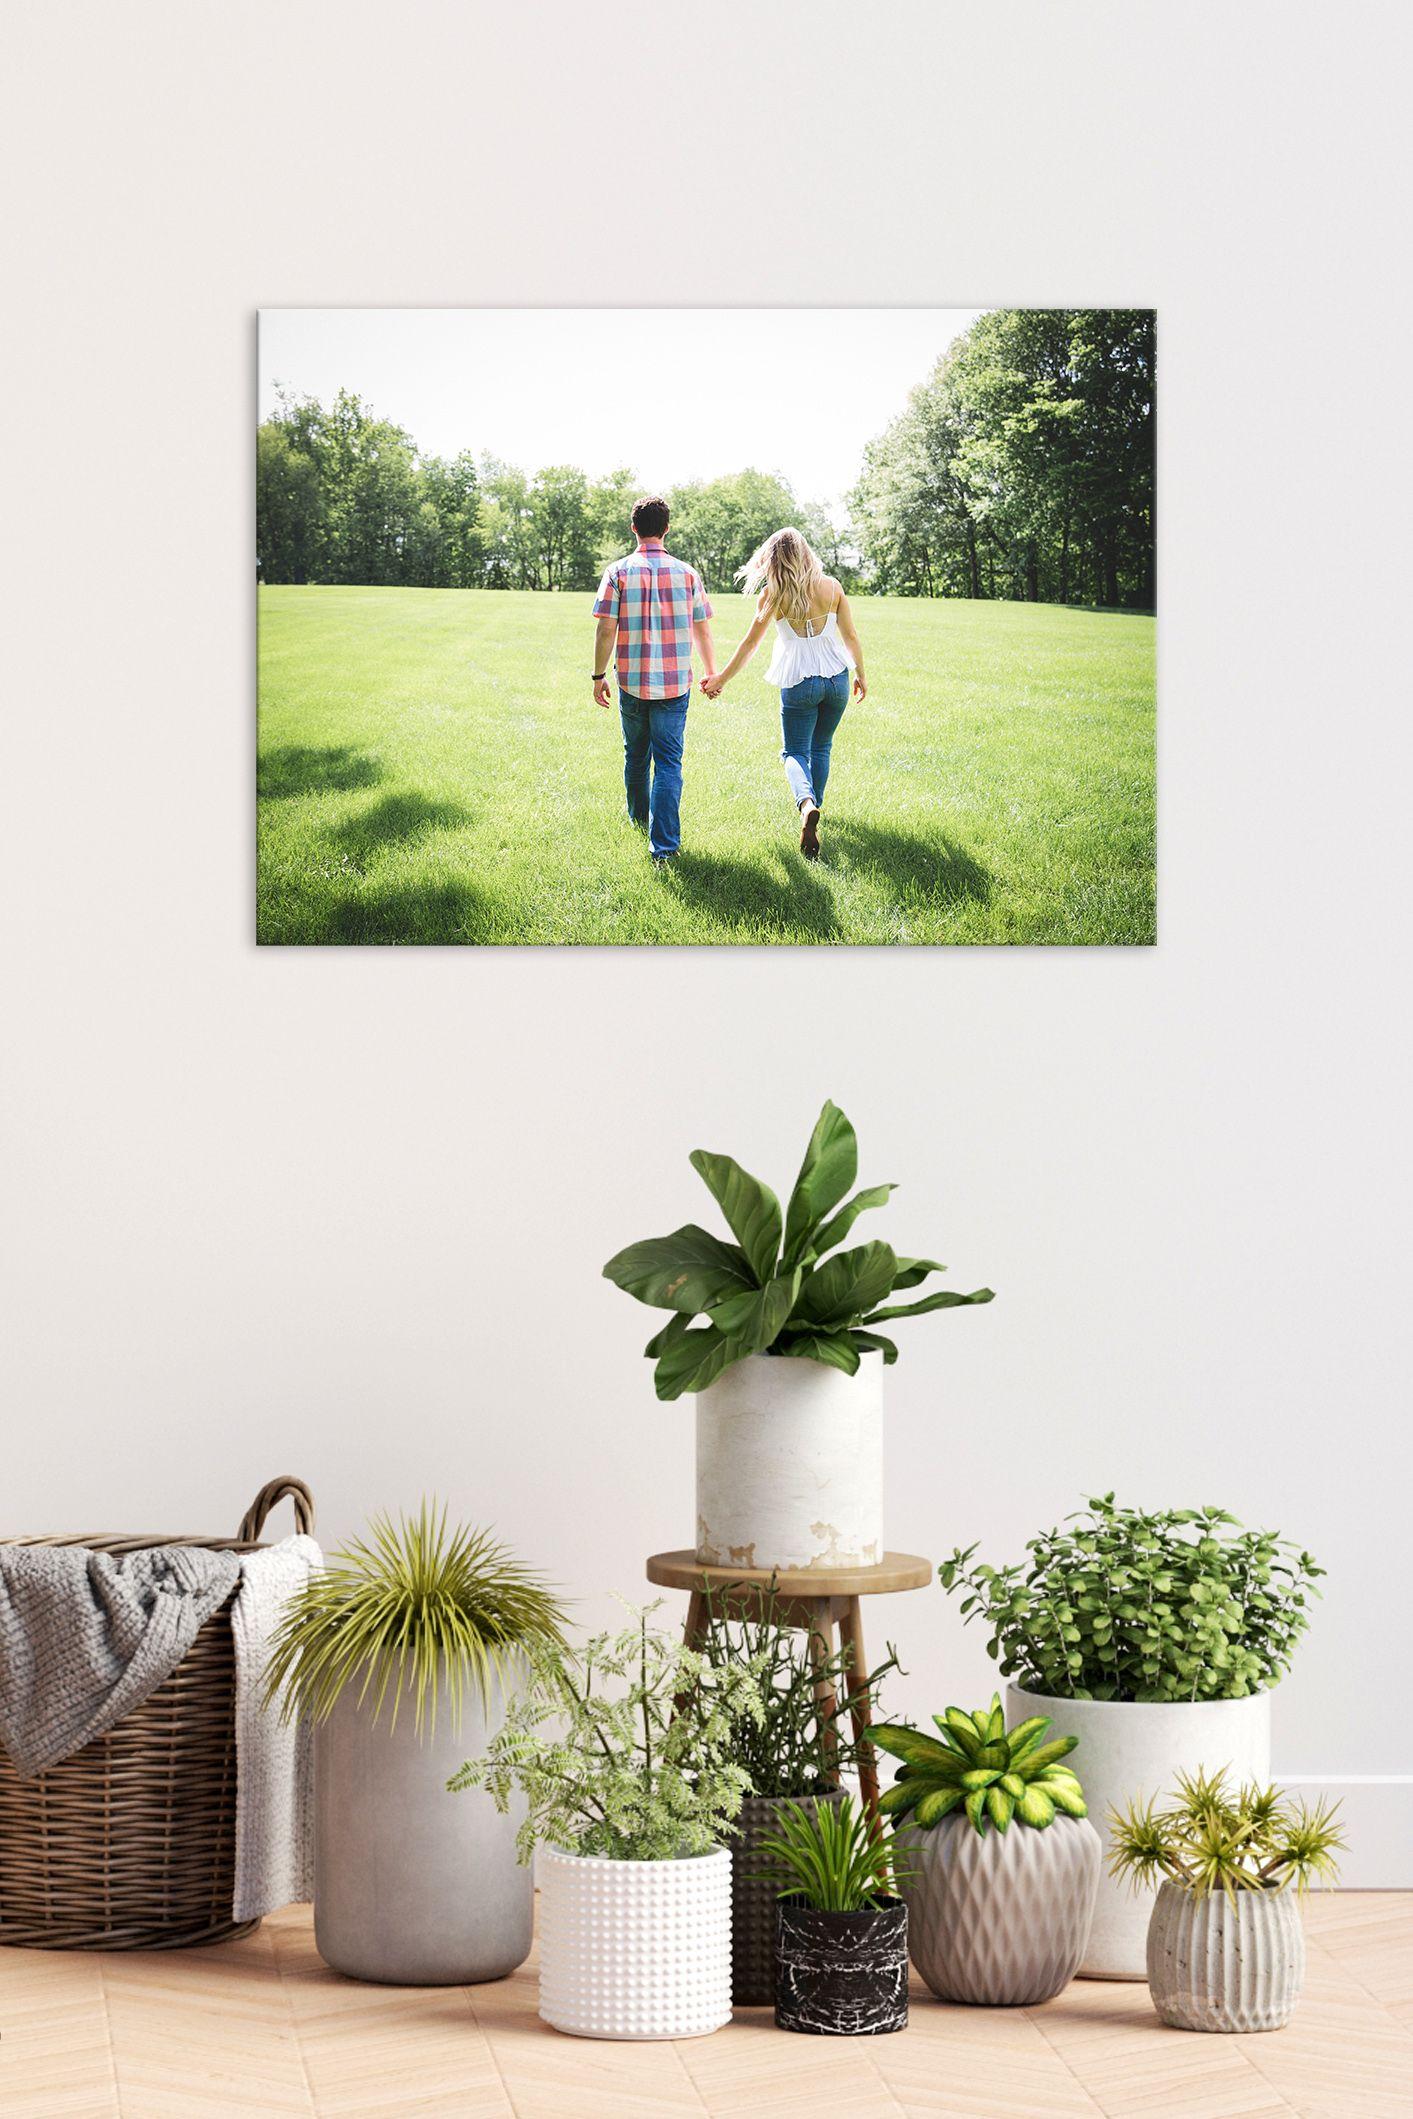 pin auf posterxxl produkte und inspiration foto leinwanddruck leinwände schwarz weiß